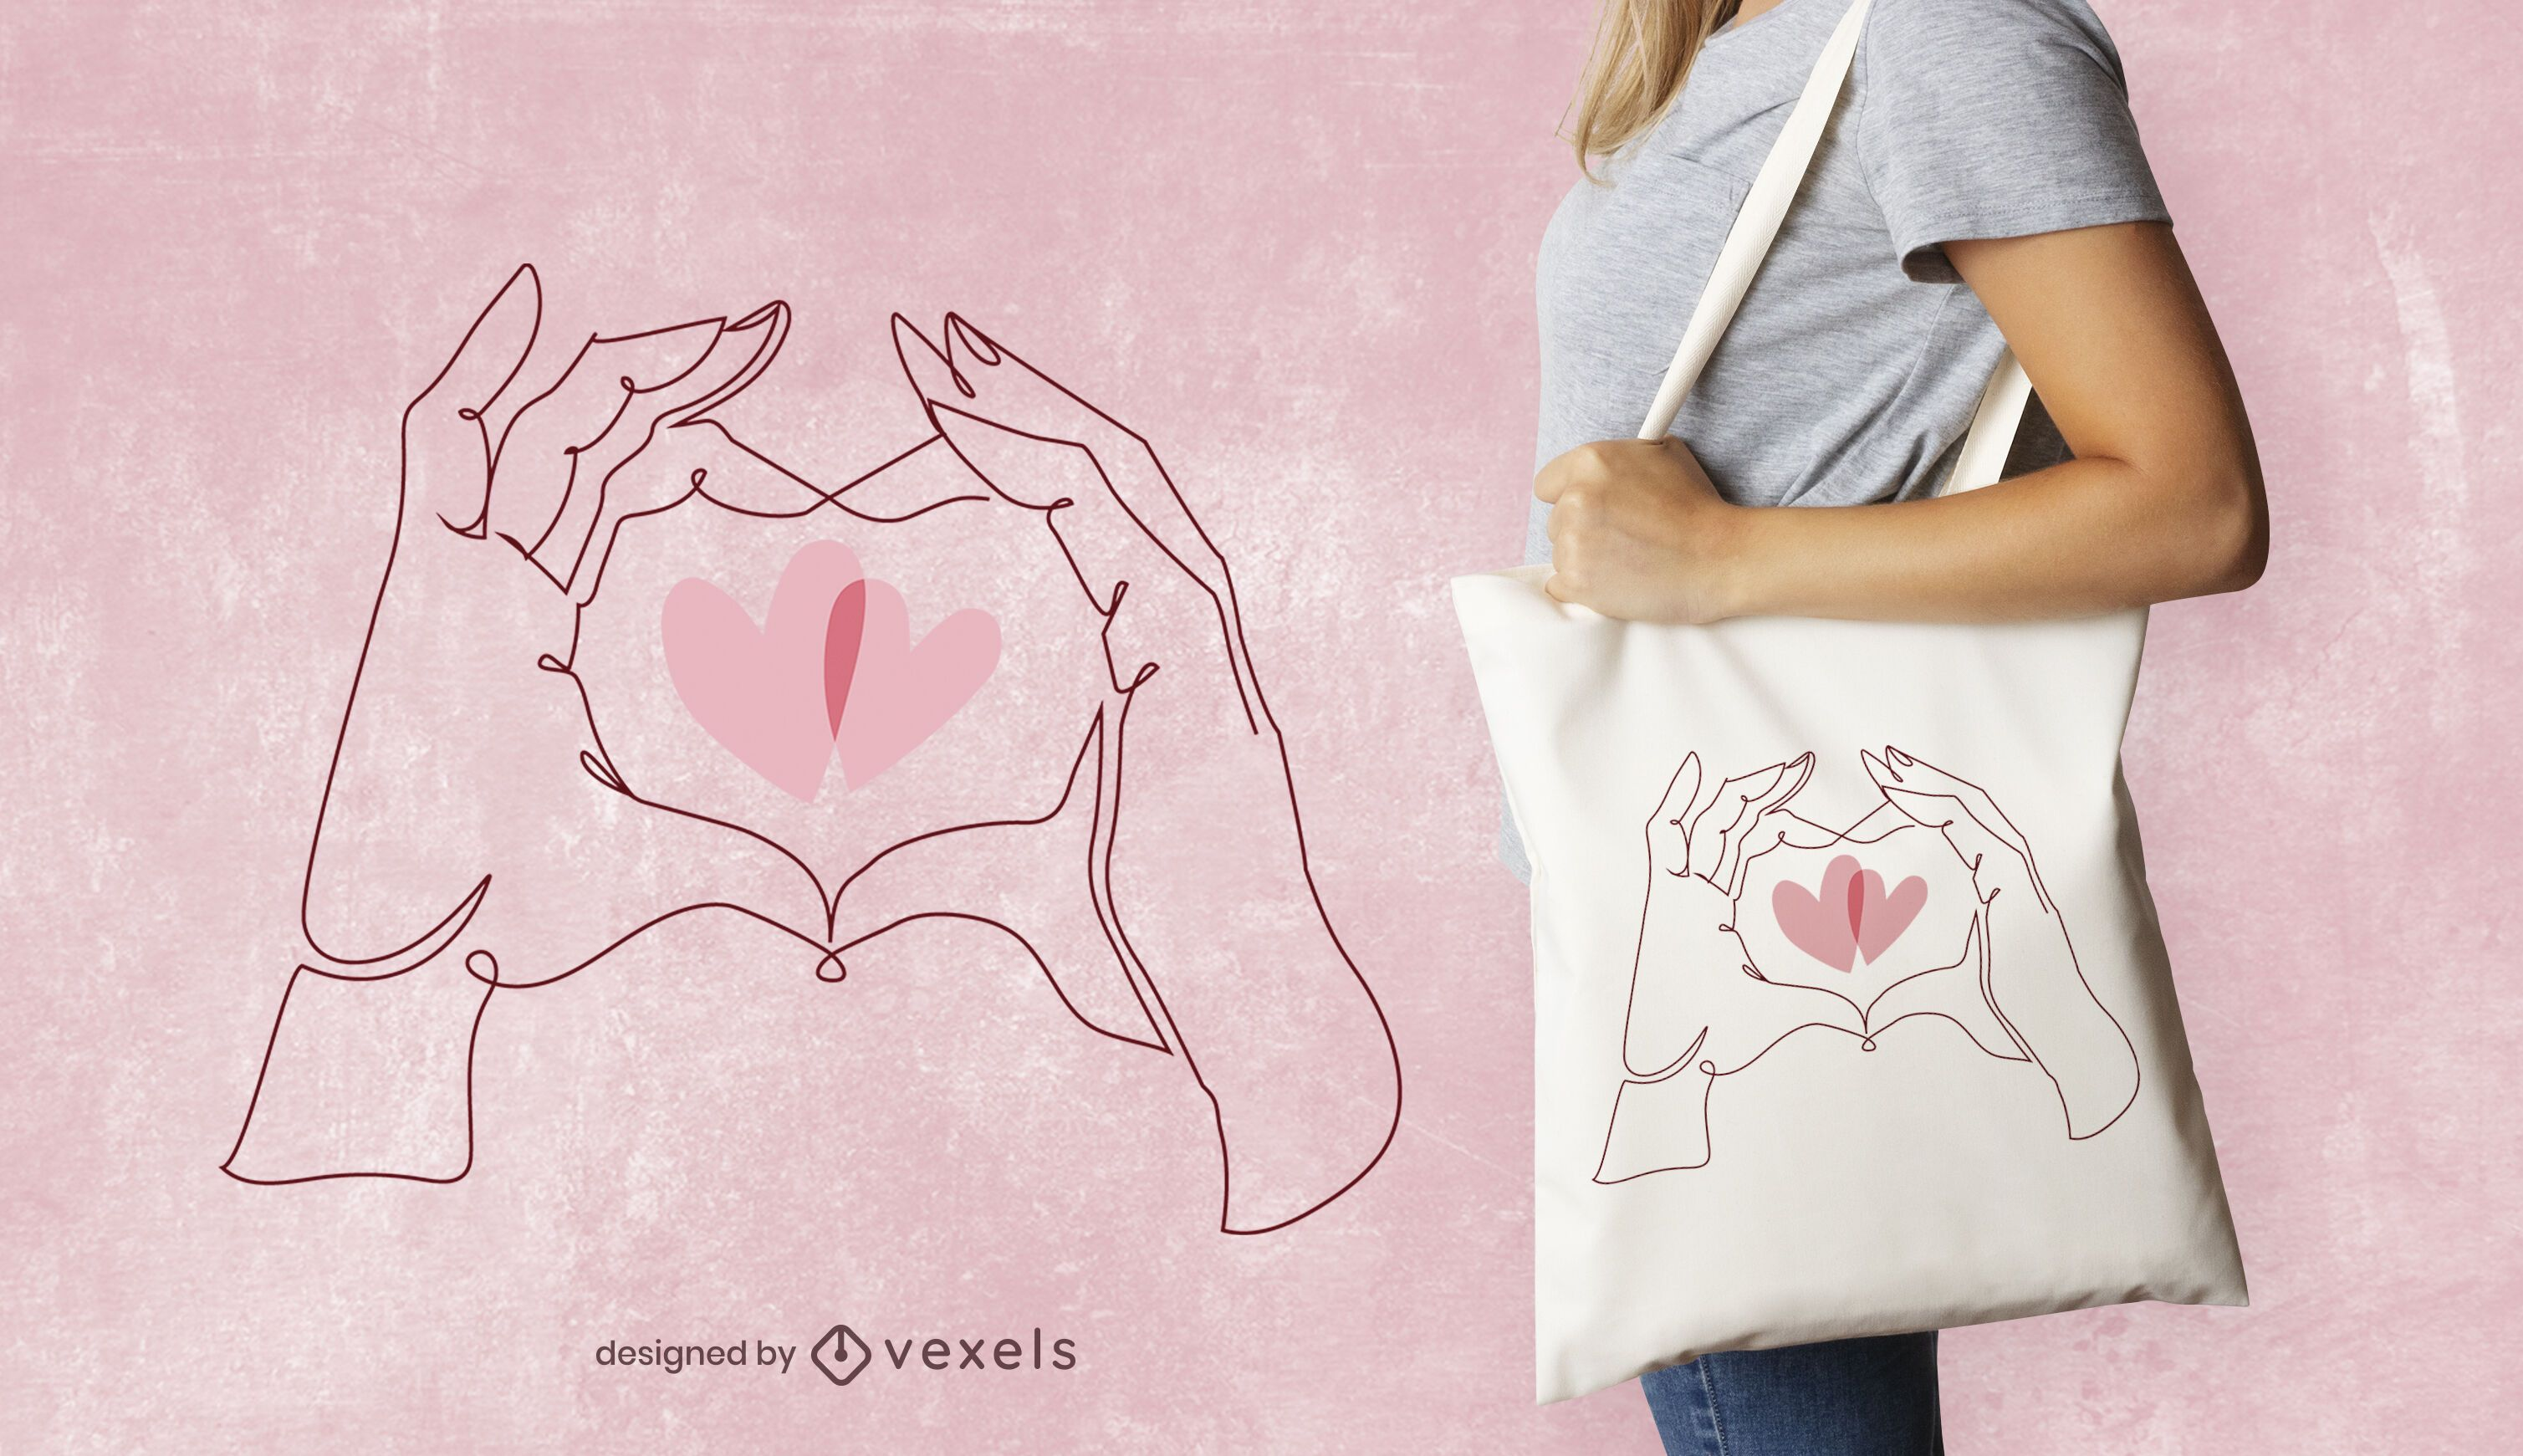 Diseño de bolso de mano con corazón de manos